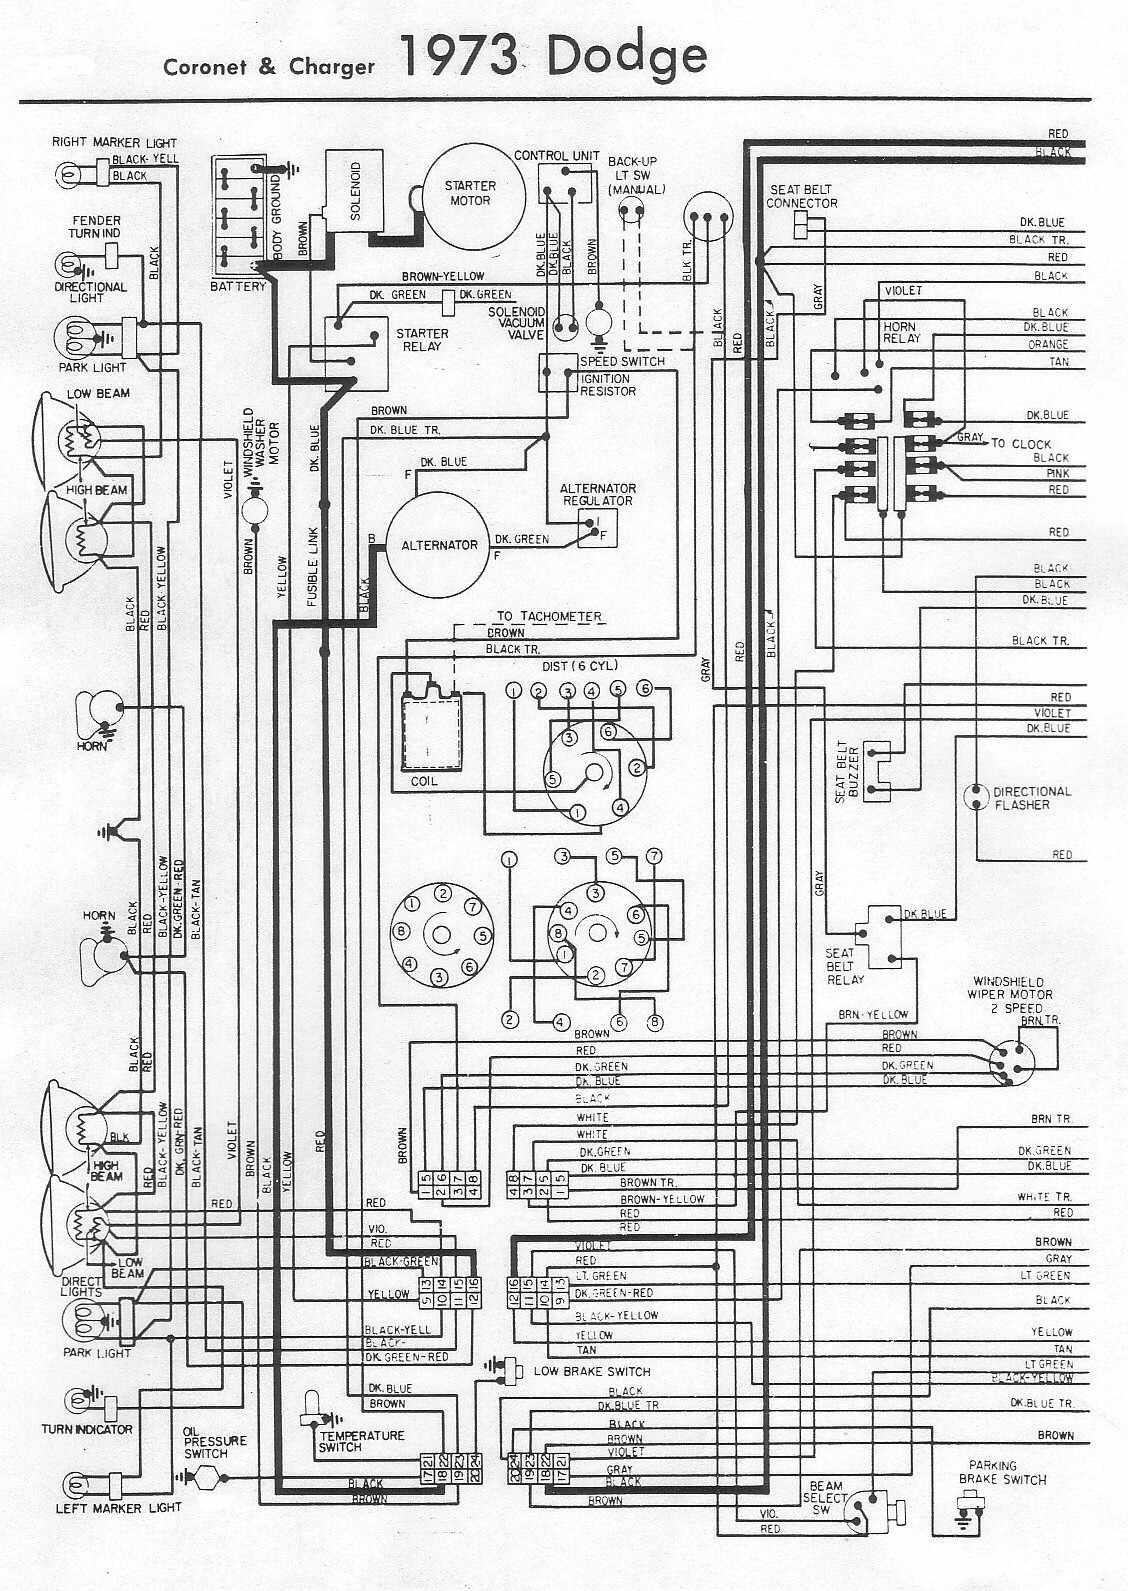 medium resolution of 1973 dodge challenger wiring diagram somurich com 08 dodge charger wiring diagrams automotive dodge wiring diagram wires